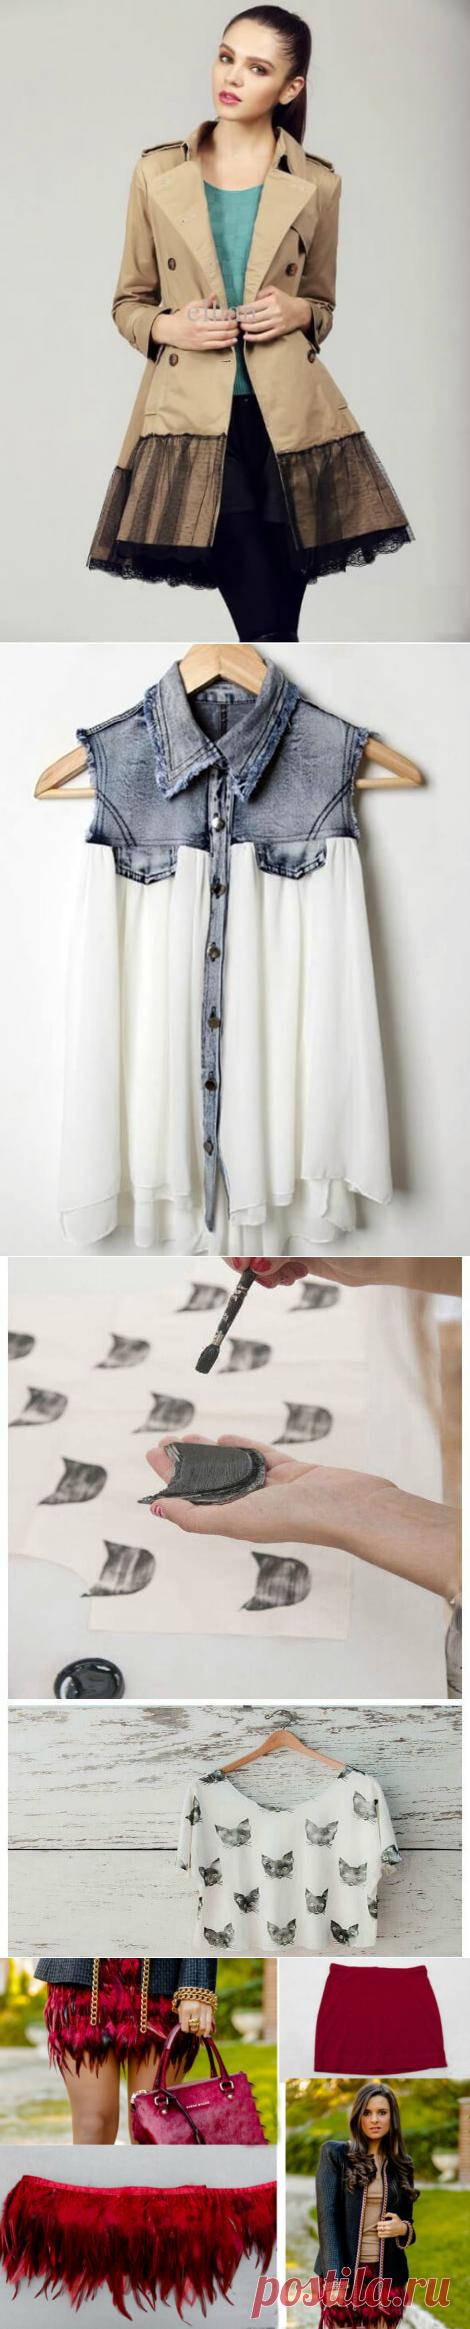 Вот как обновить весенний гардероб с шиком, без удара по кошельку